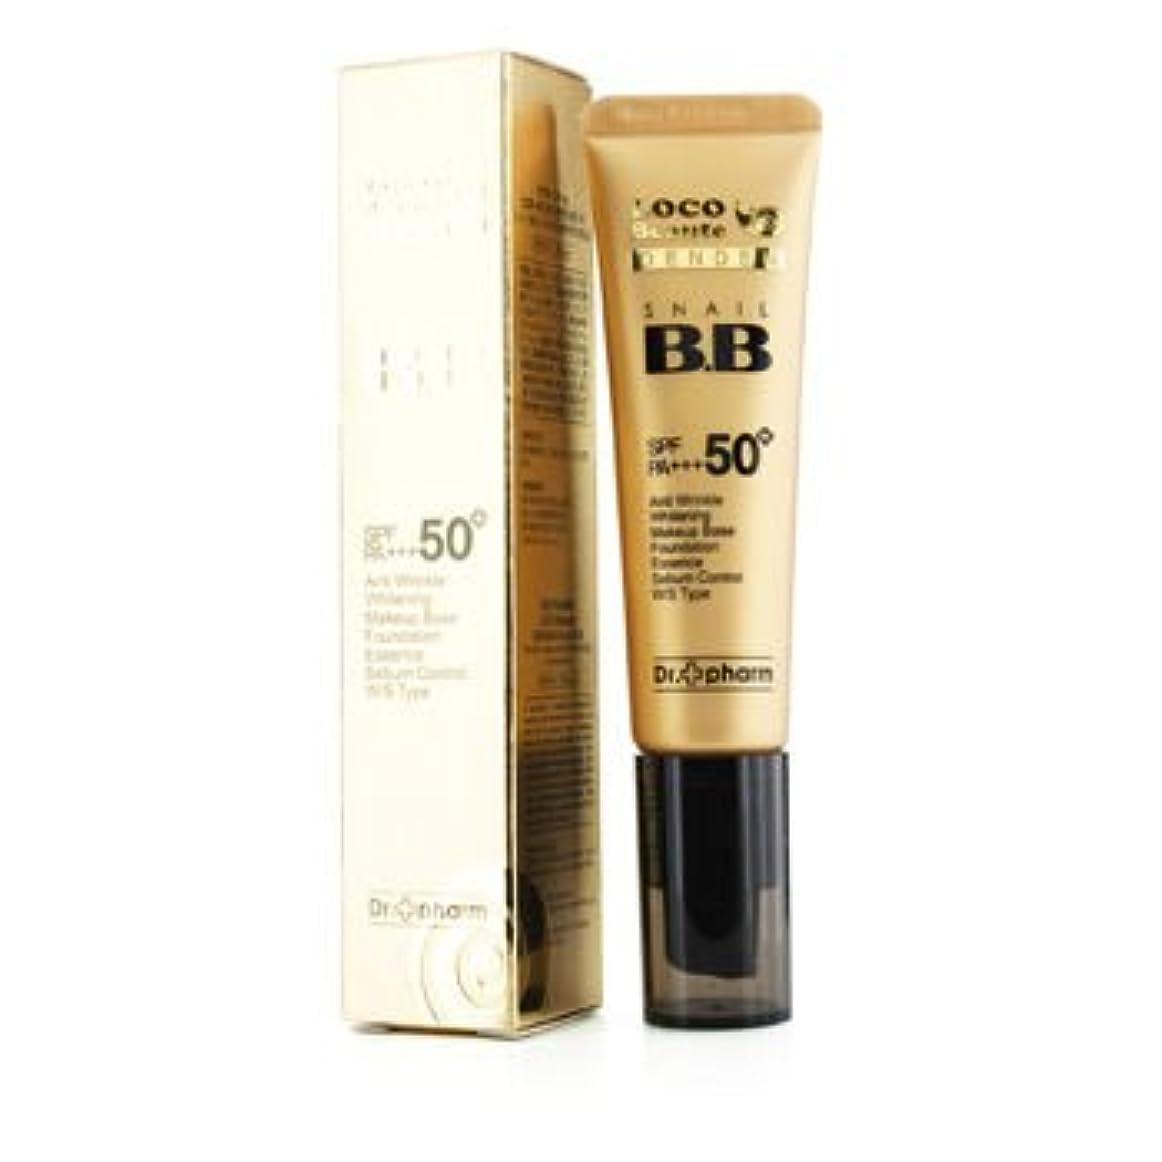 航海の腸正直Dr. Pharm LOCO Beaute DenDen Snail BB Cream SPF5030ml/1oz並行輸入品